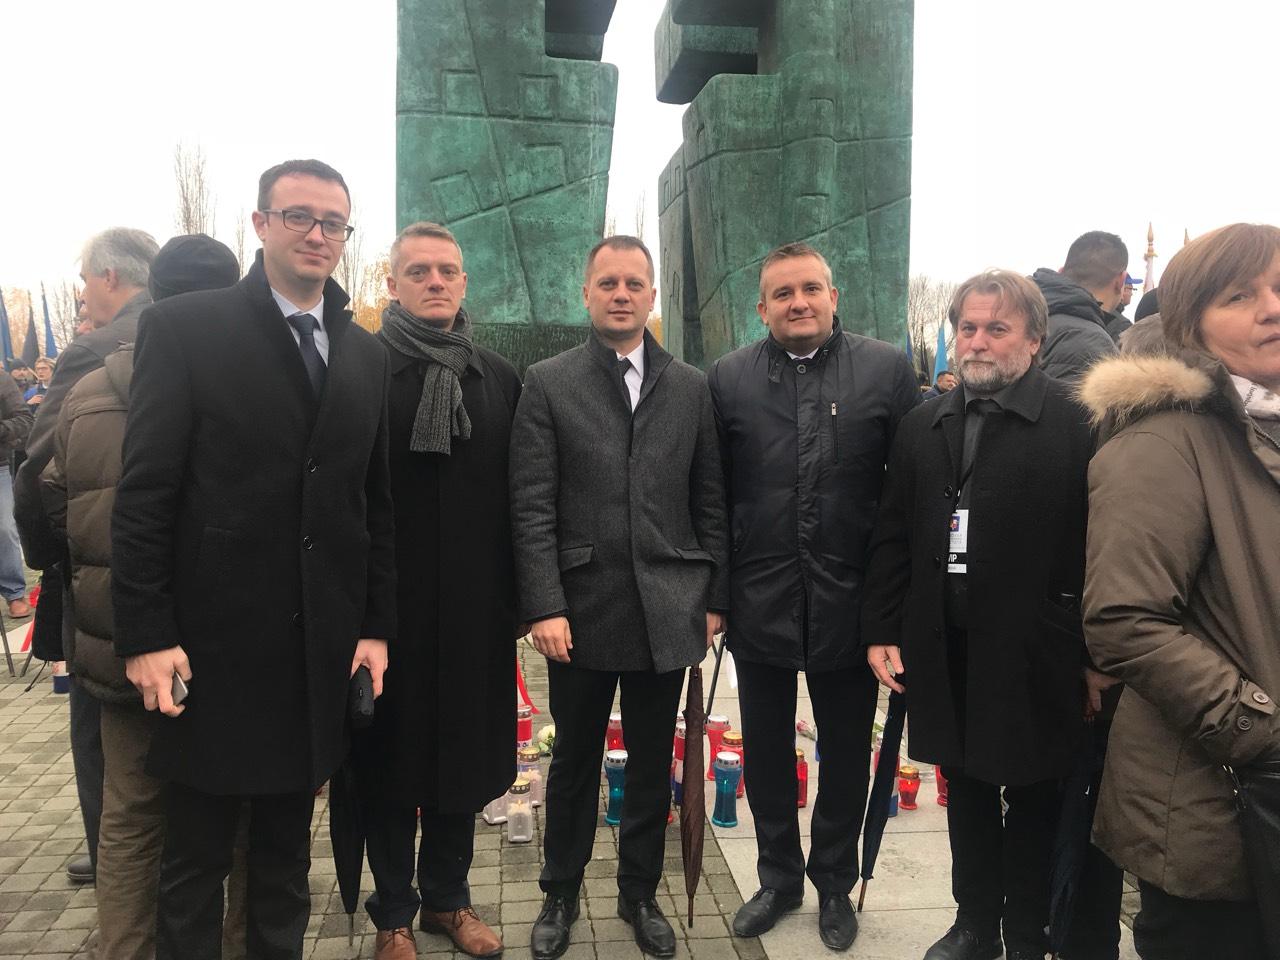 Izaslanstvo Virovitičko-podravske županije predvođeno županom Igorom Androvićem bilo je u koloni sjećanja na herojsku obranu grada Vukovara